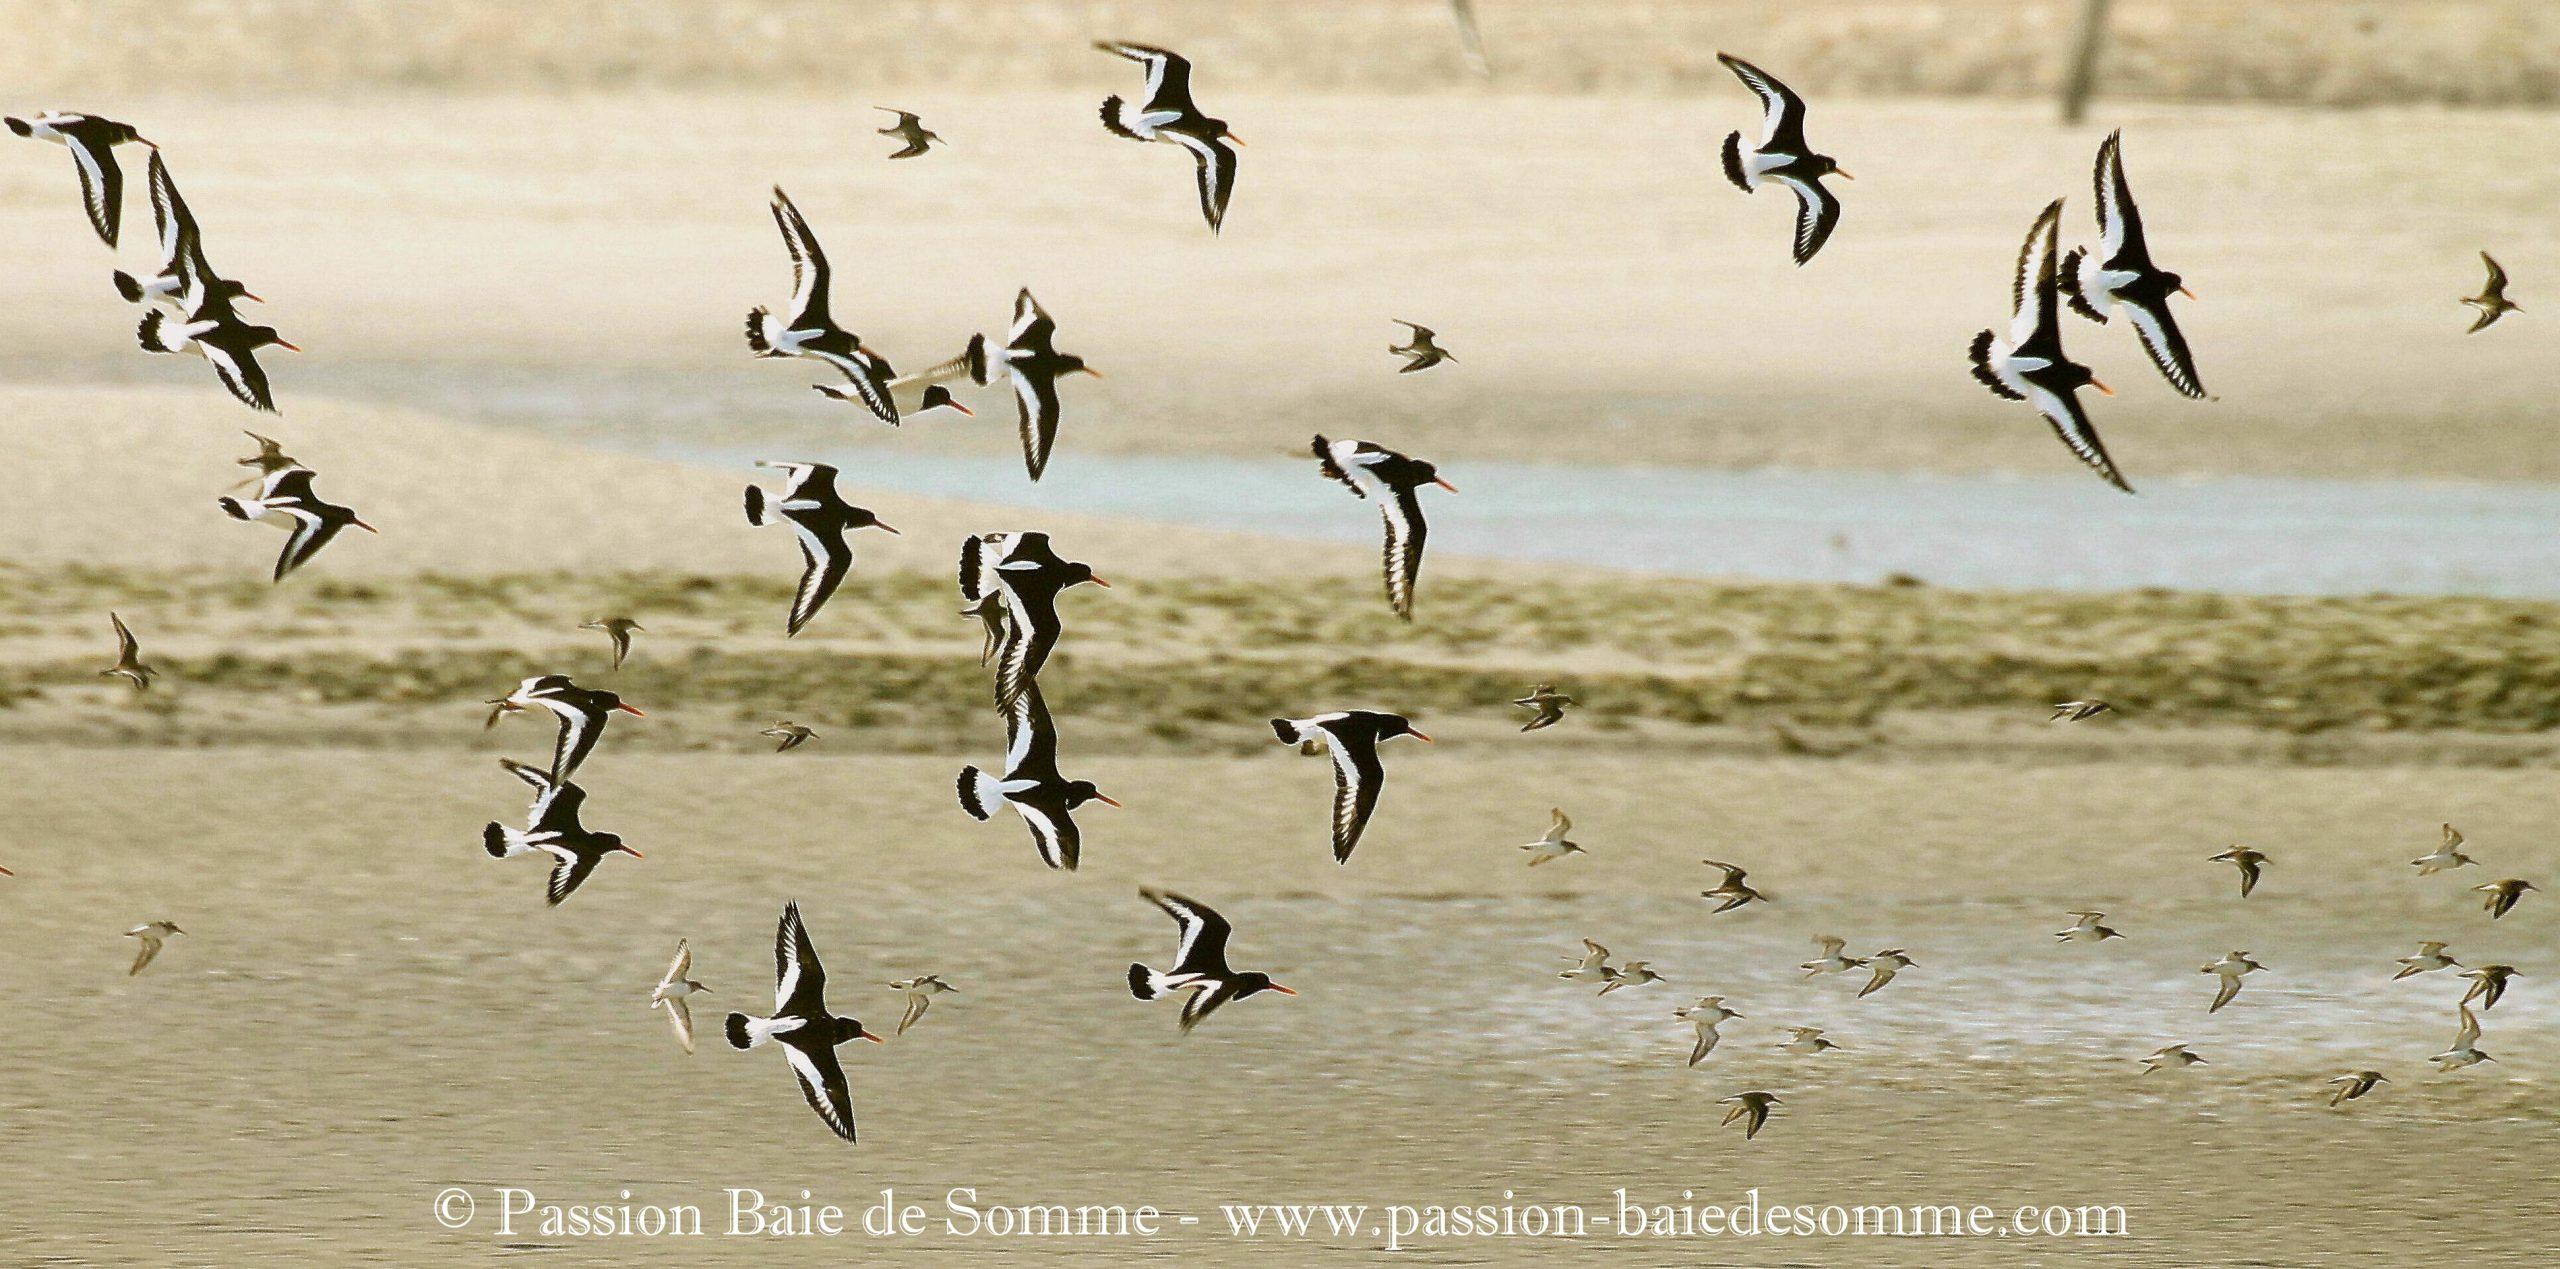 Passion-Baie-de-Somme